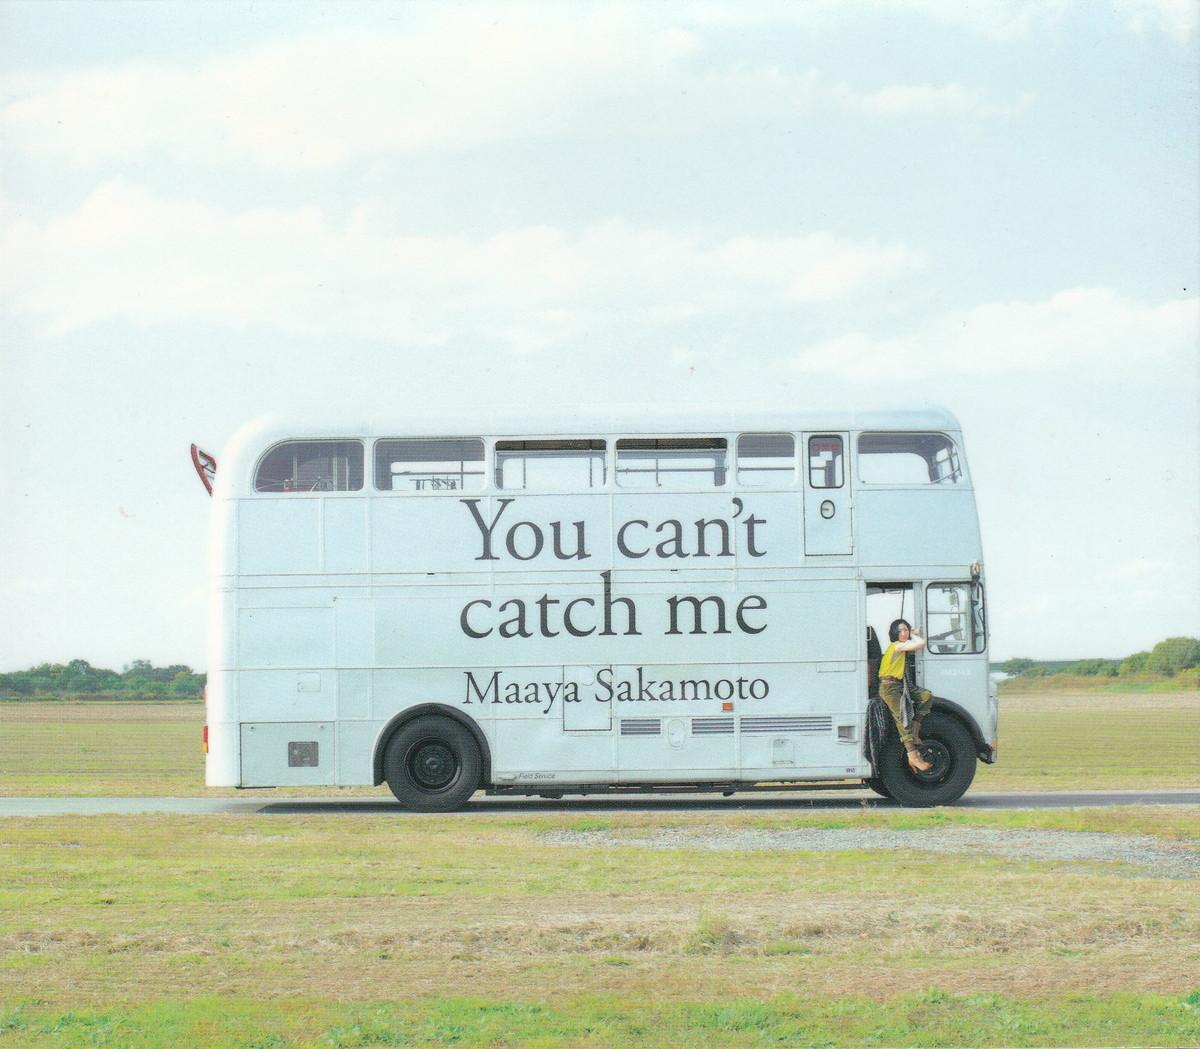 ★坂本真綾:You can't catch me [初回限定盤]/7thオリジナルアルバム,スリーブケース付,特典CD付_画像1